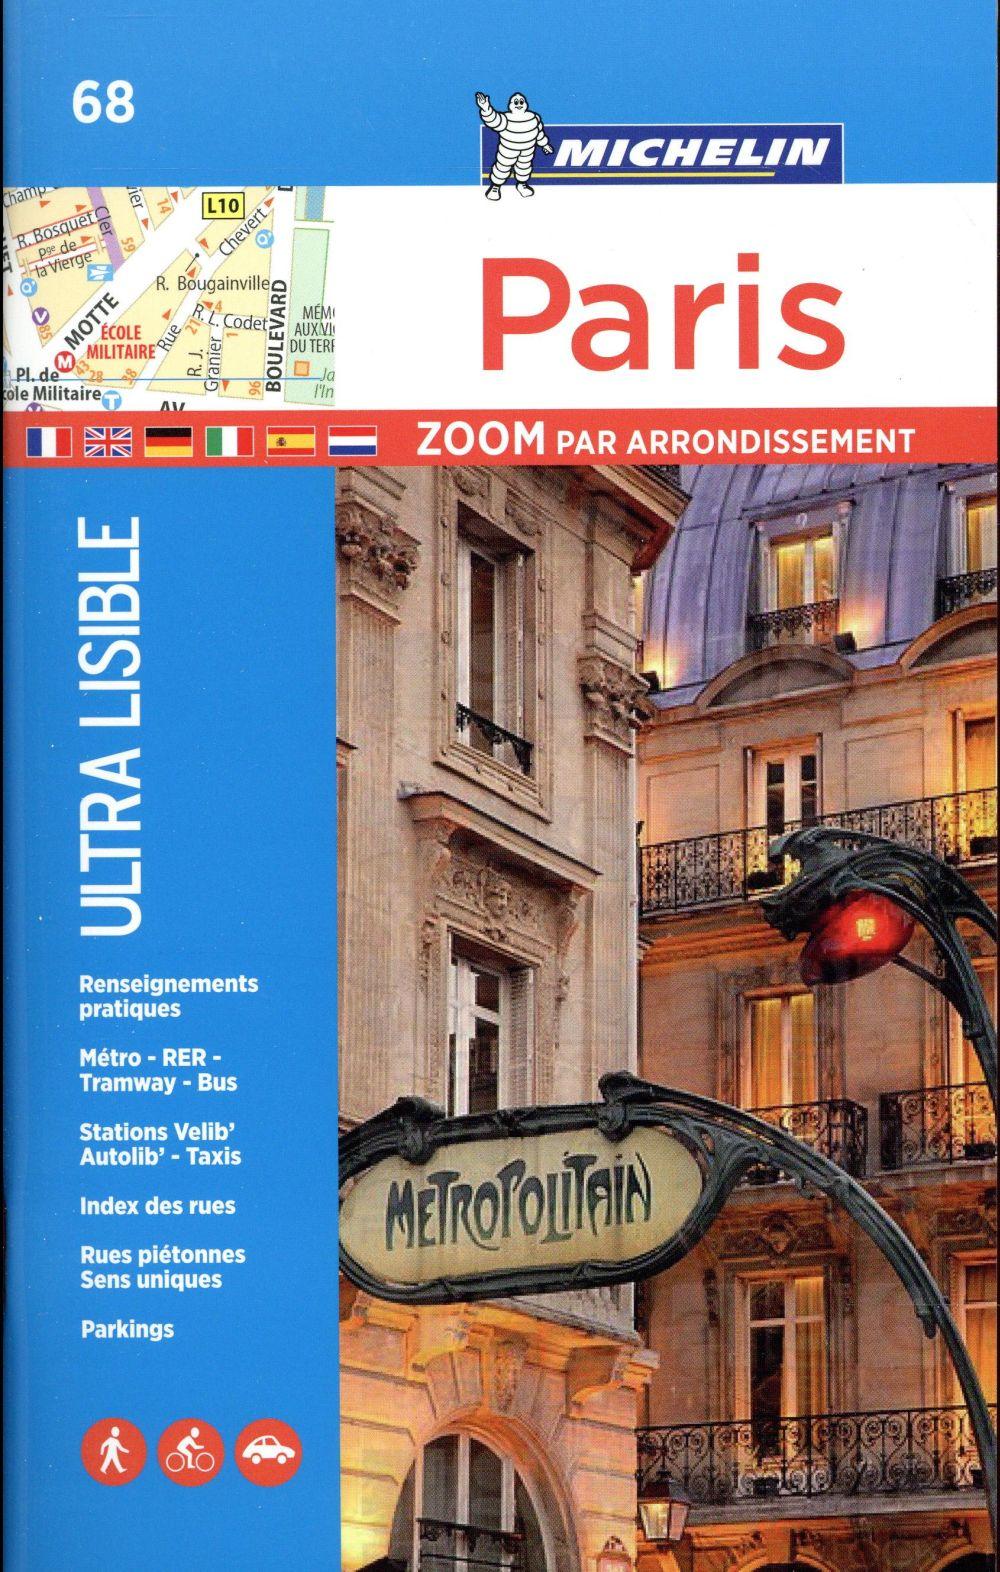 PARIS PAR ARRONDISSEMENT (ZOOME) XXX Michelin Cartes et Guides